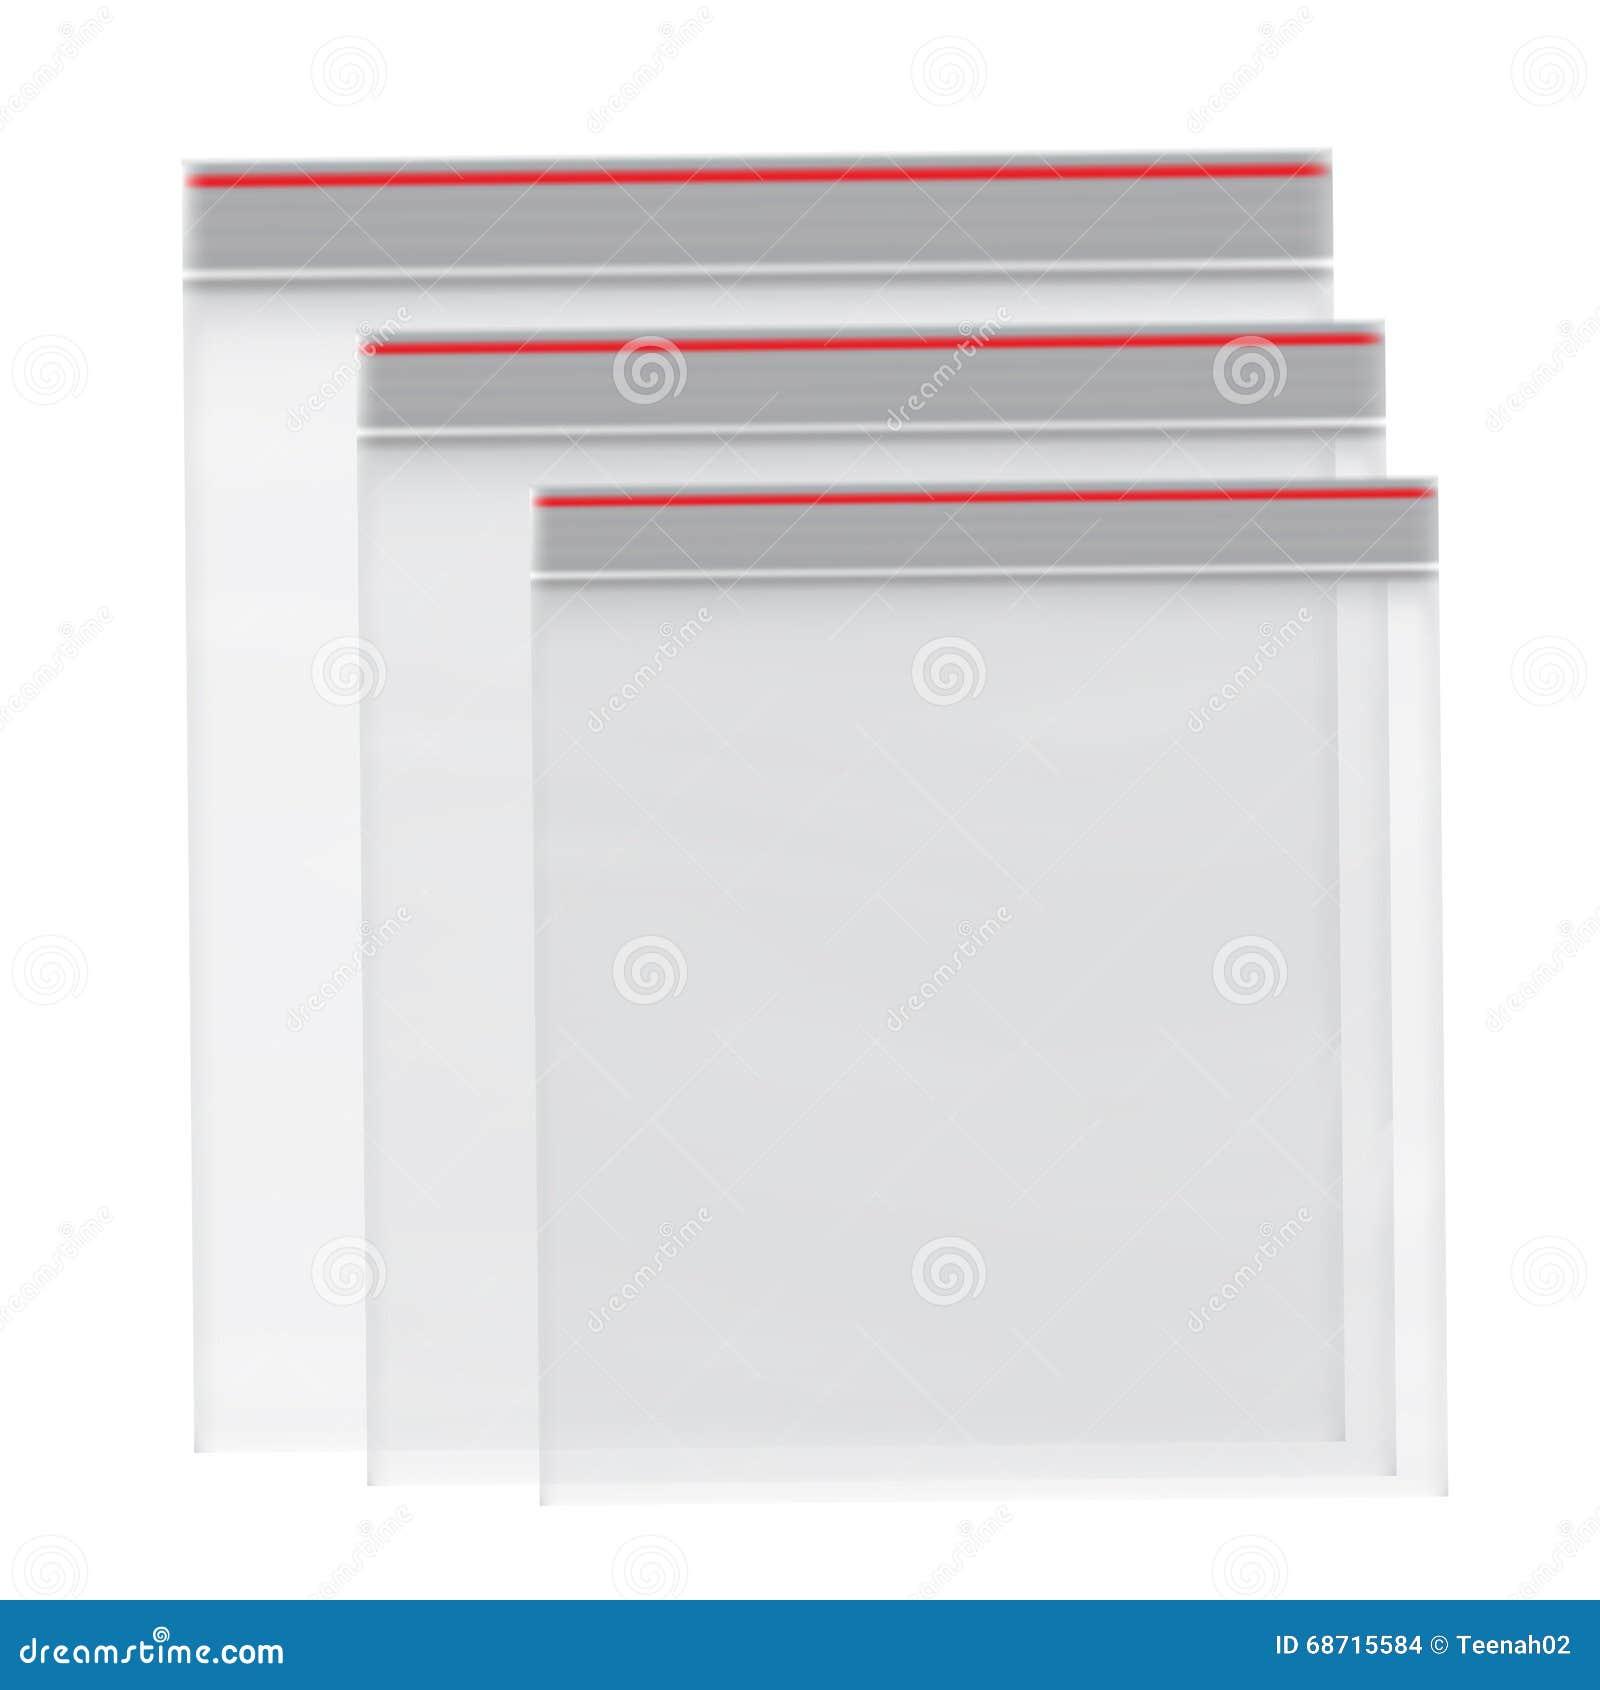 plastic ziplock bag vector wwwpixsharkcom images